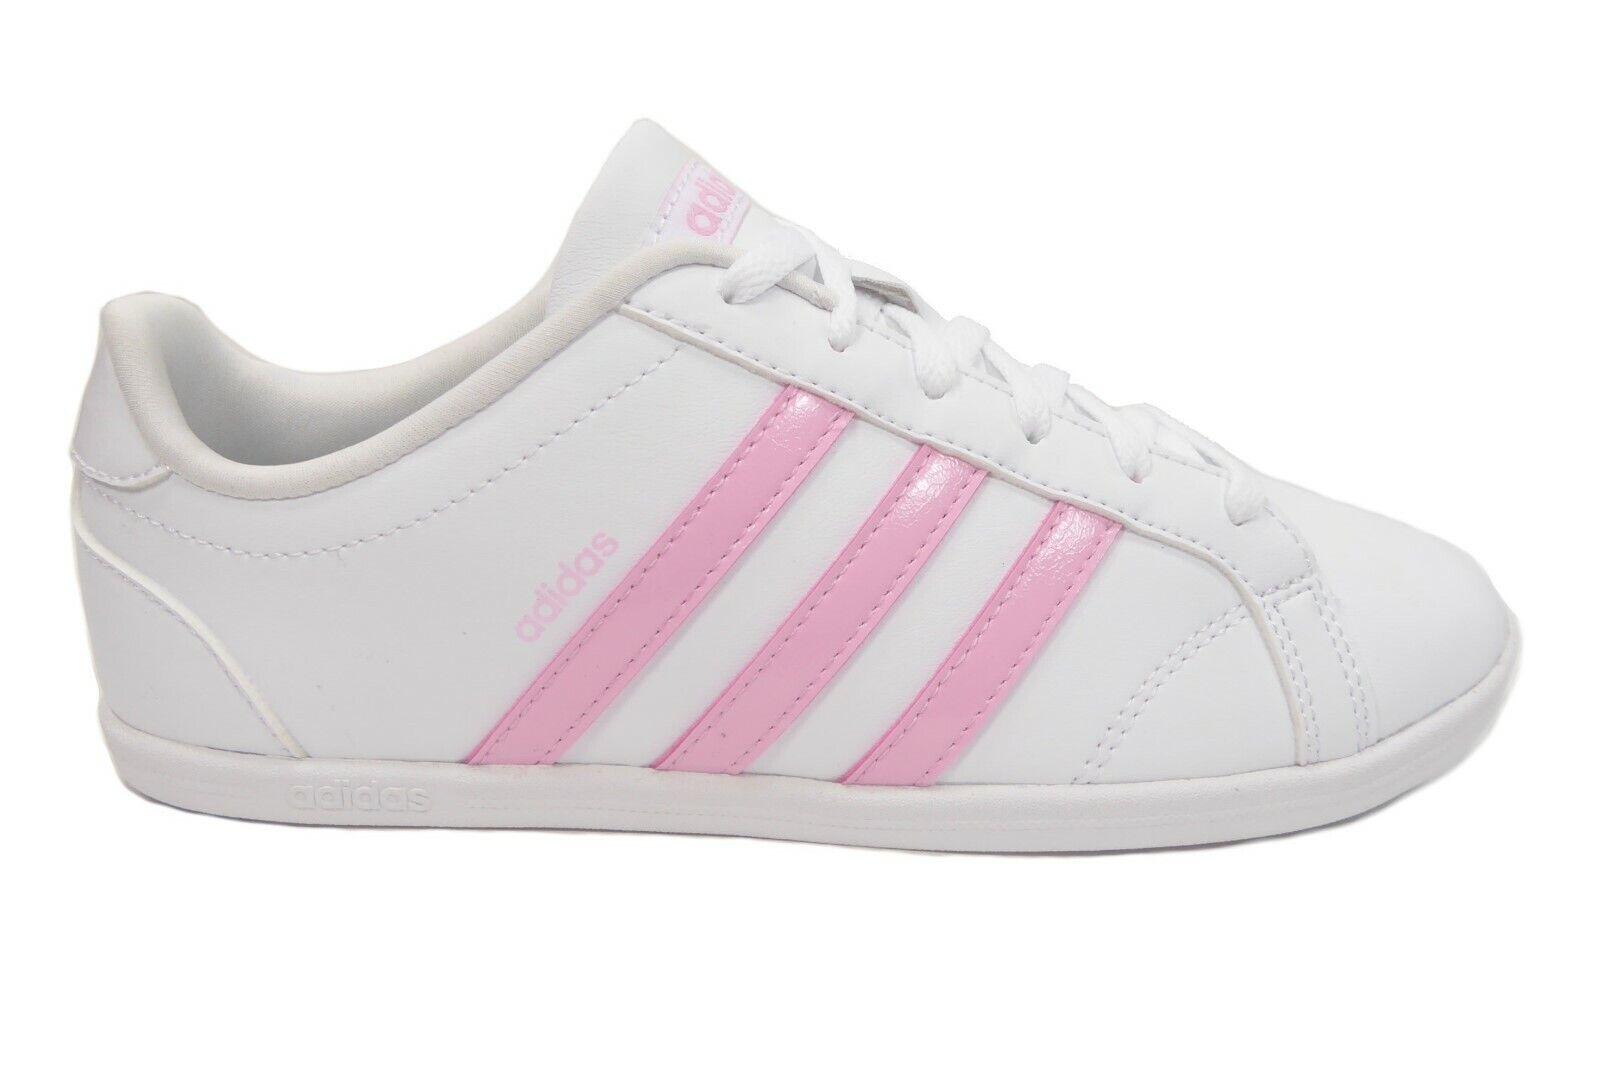 682ee0351cb7b3 Adidas Neo Damen Schuhe Test Vergleich +++ Adidas Neo Damen Schuhe ...